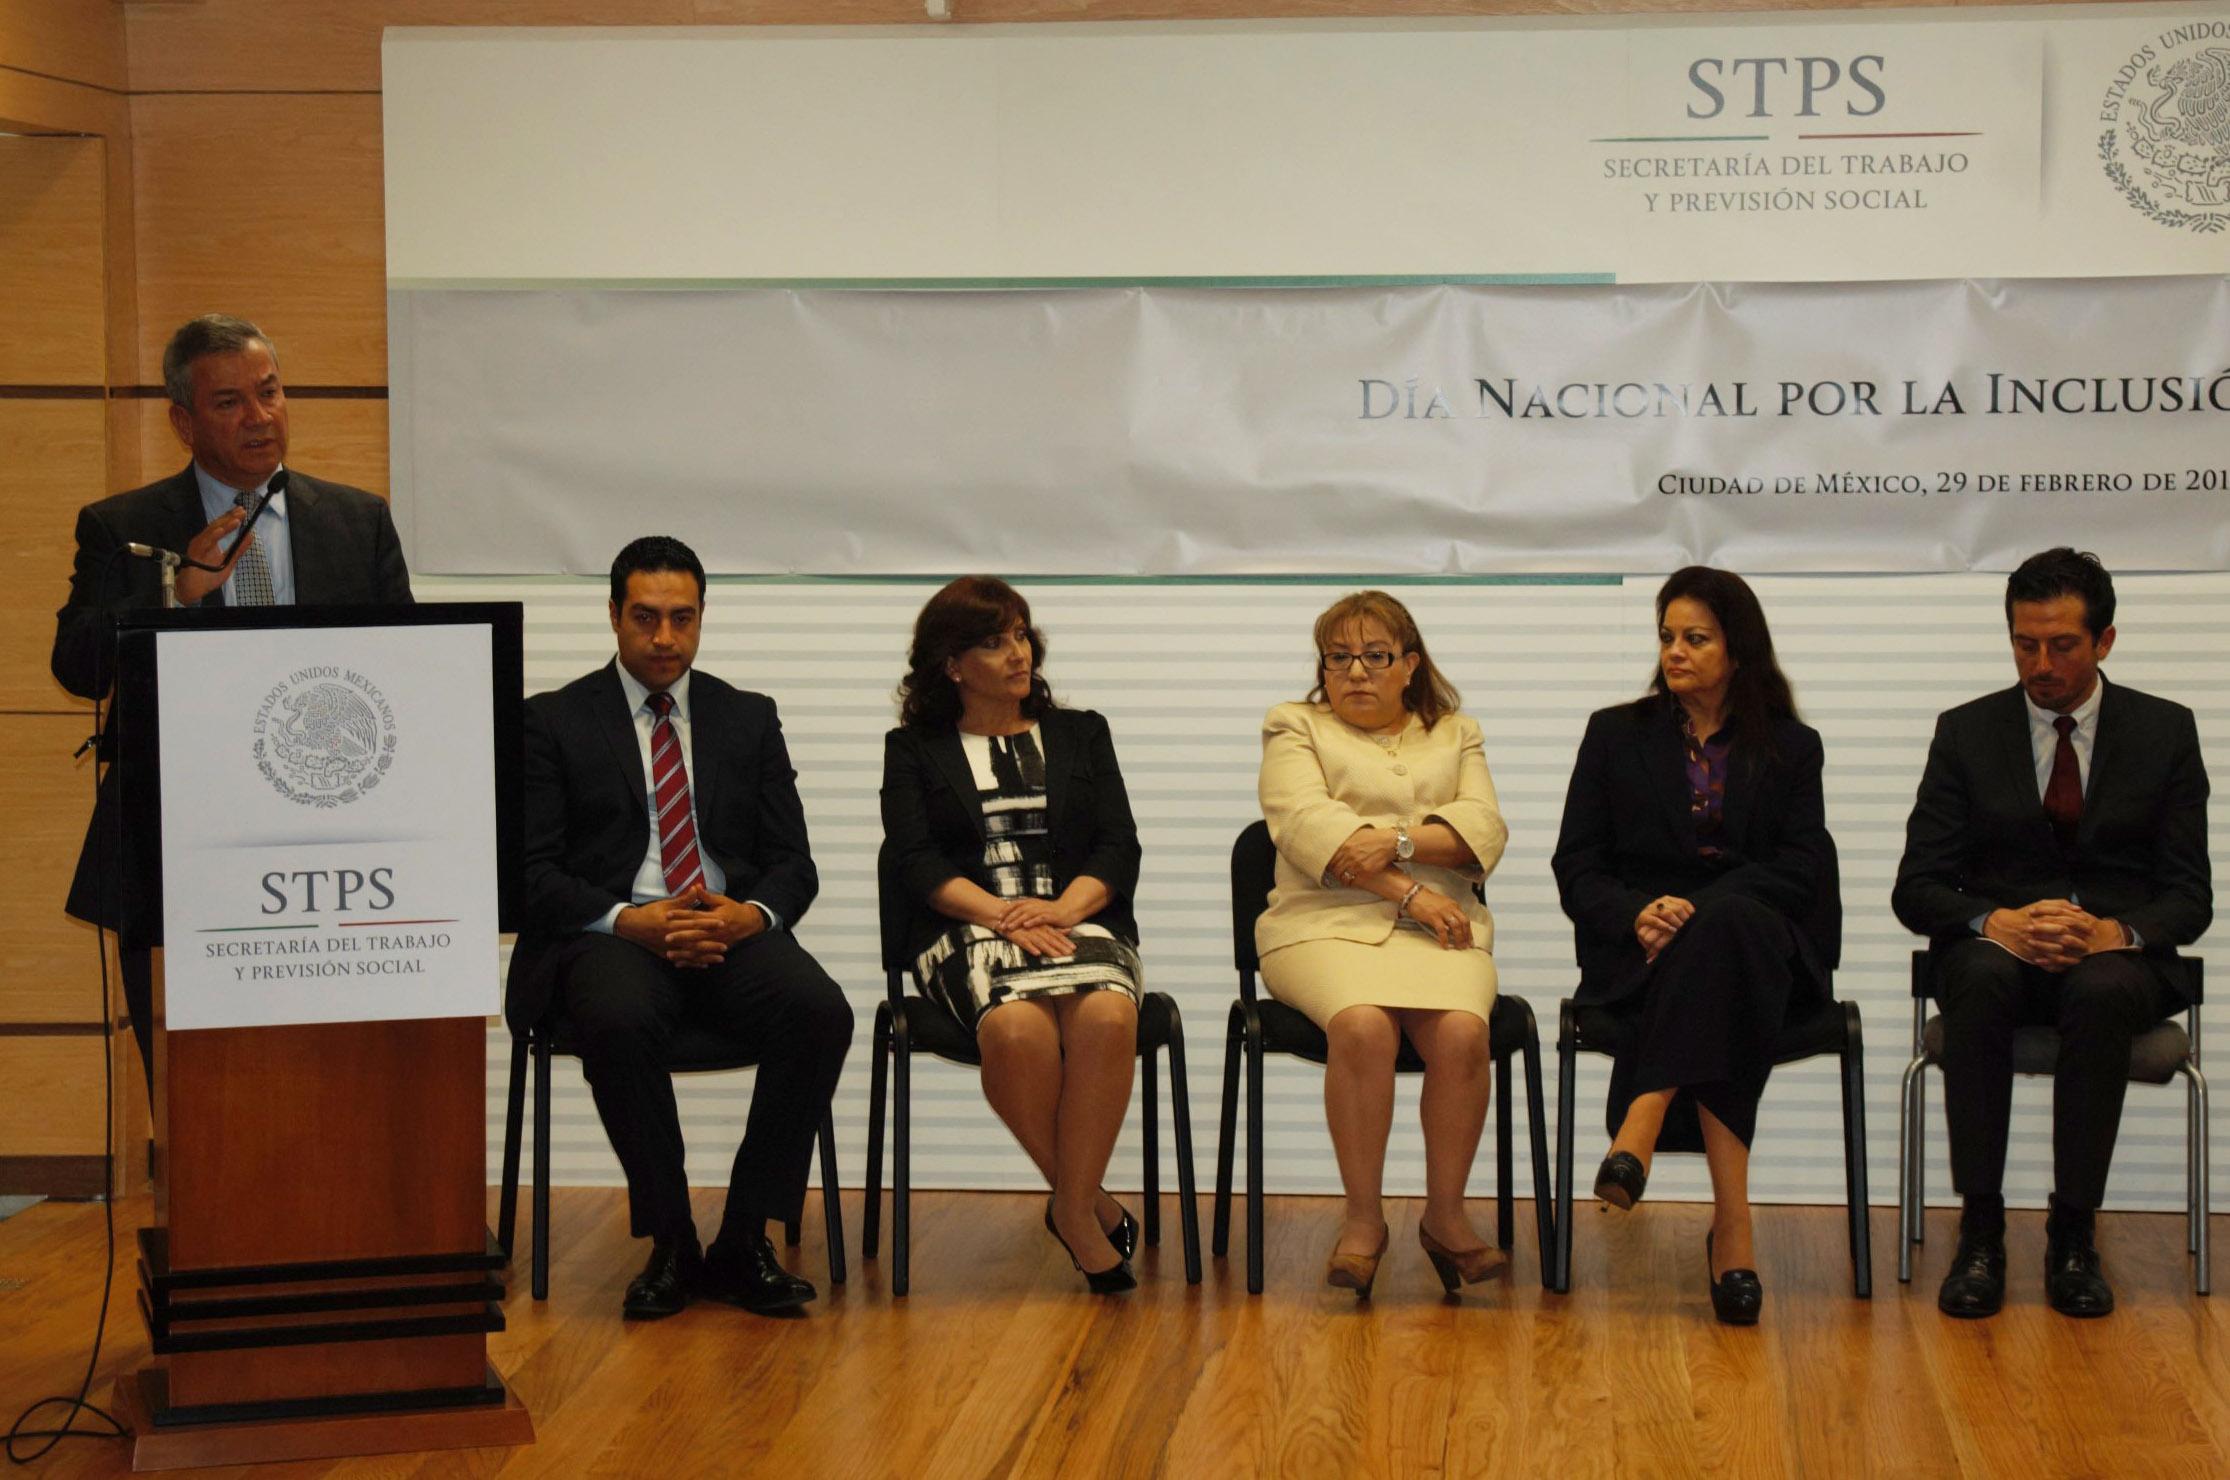 Dia Nacional por la inclusion laboral 9jpg